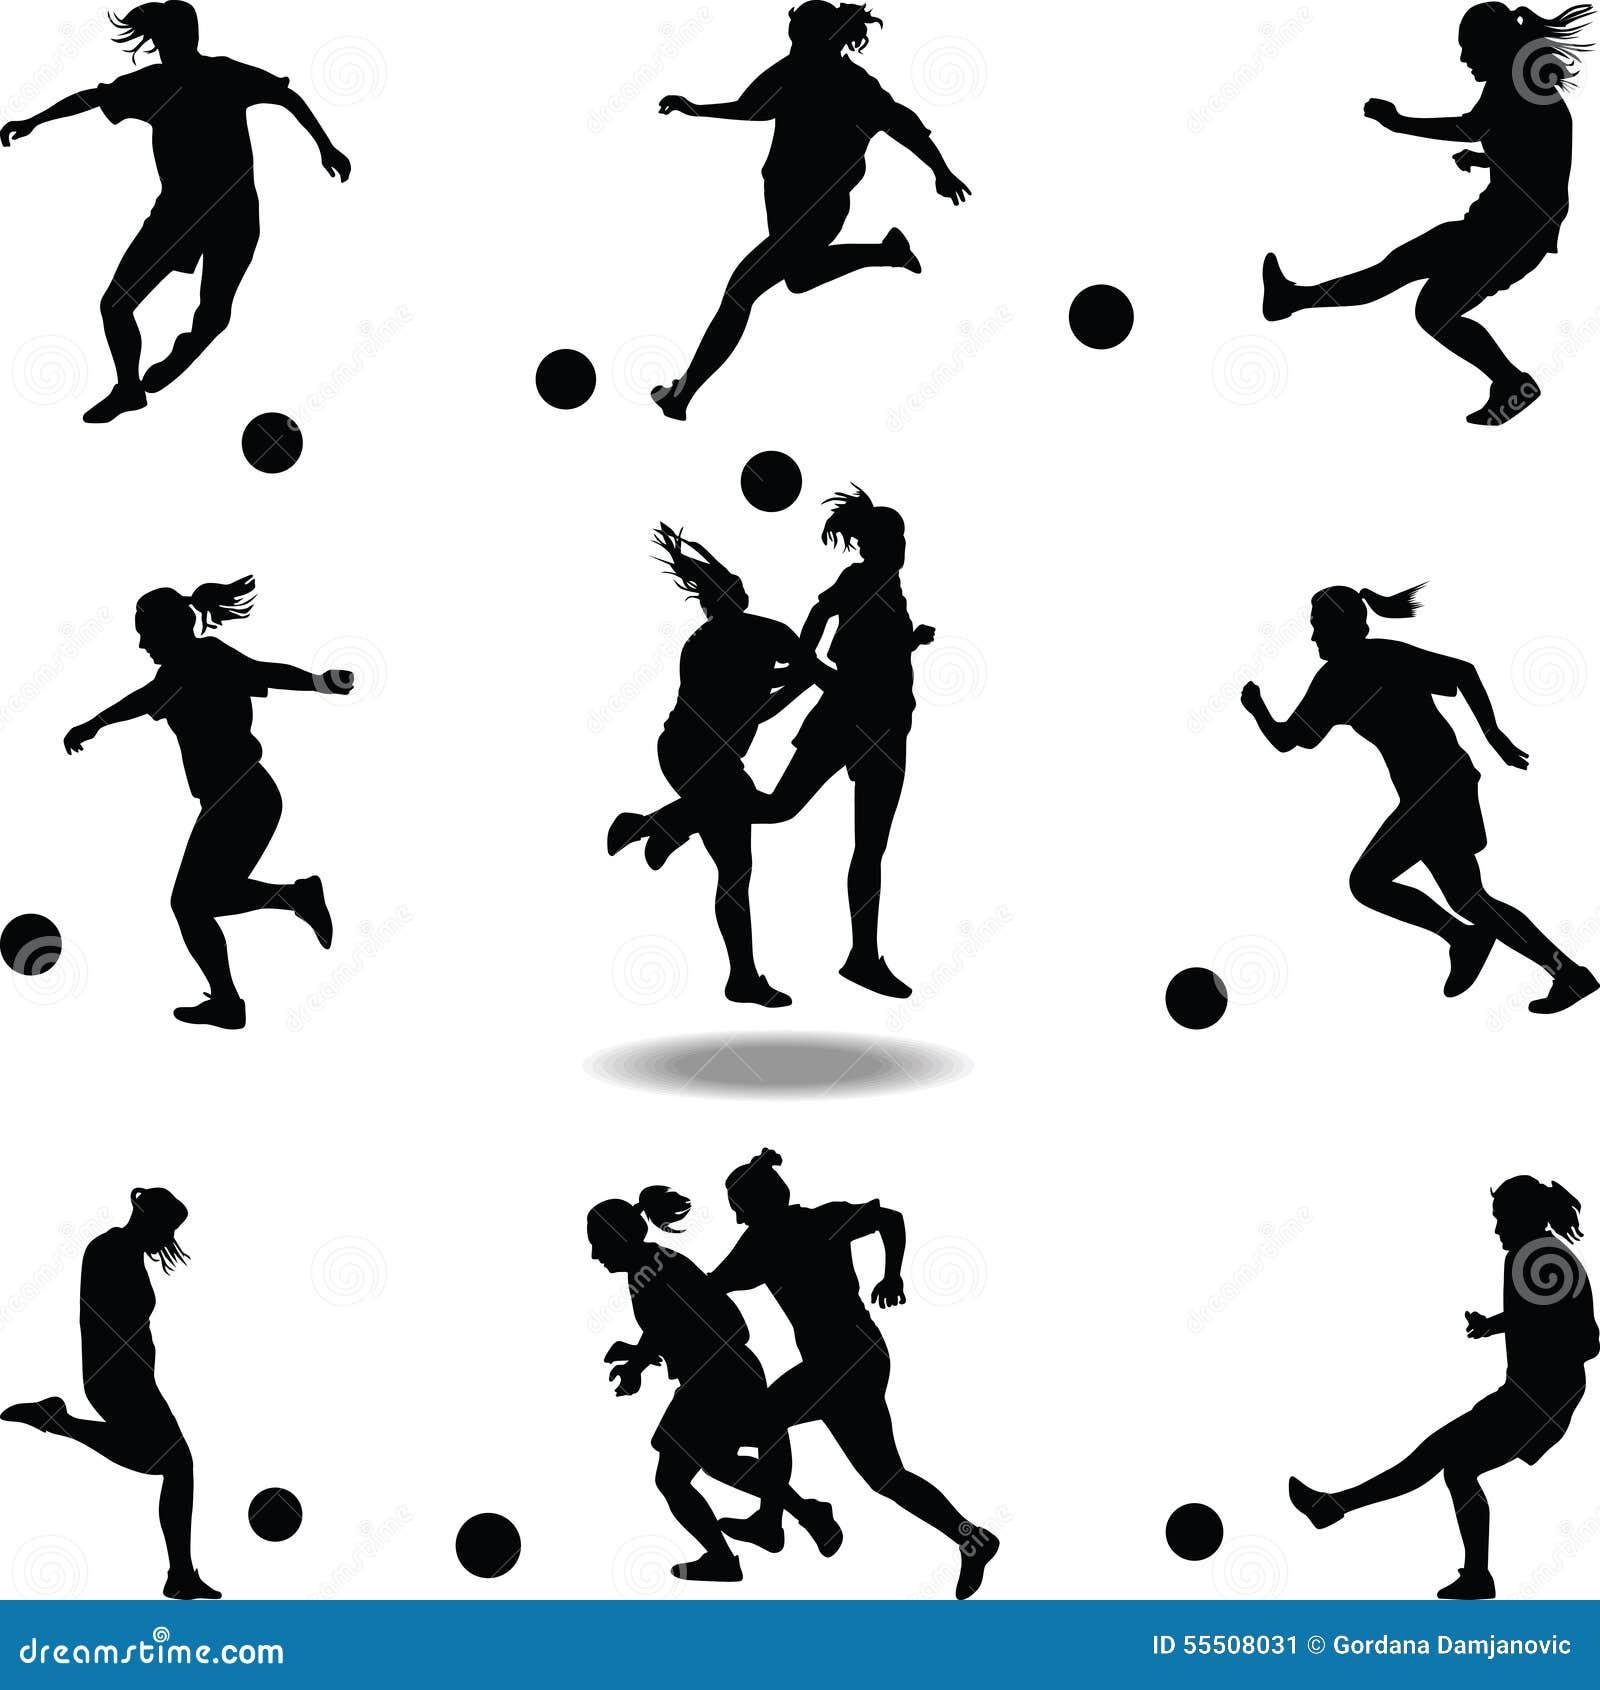 Girl soccer silhouette